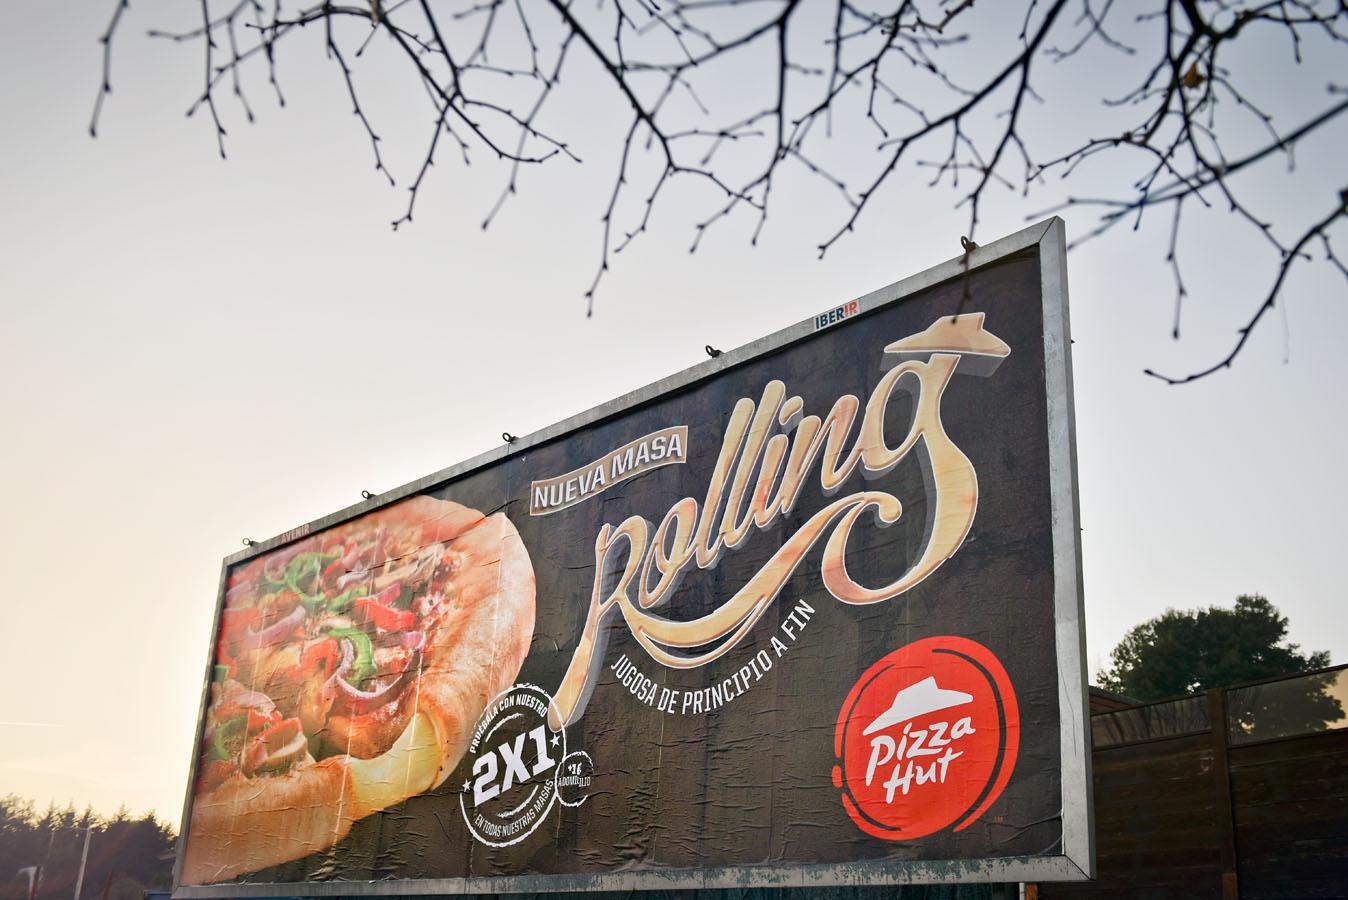 ramon_vaquero_pizza_hut_fotografos_vigo_galicia_publicidad_blog_2